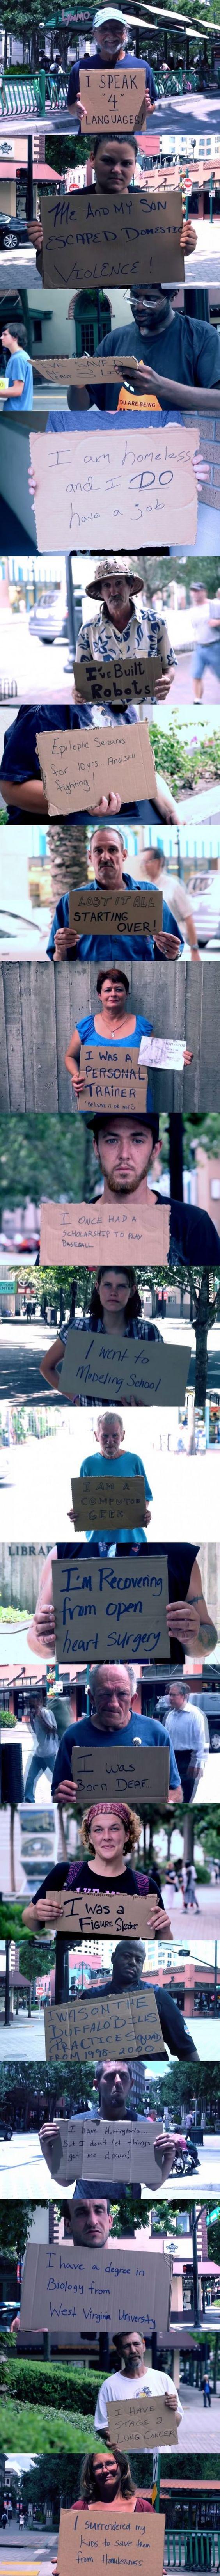 Blameless Homeless Cardboard Stories